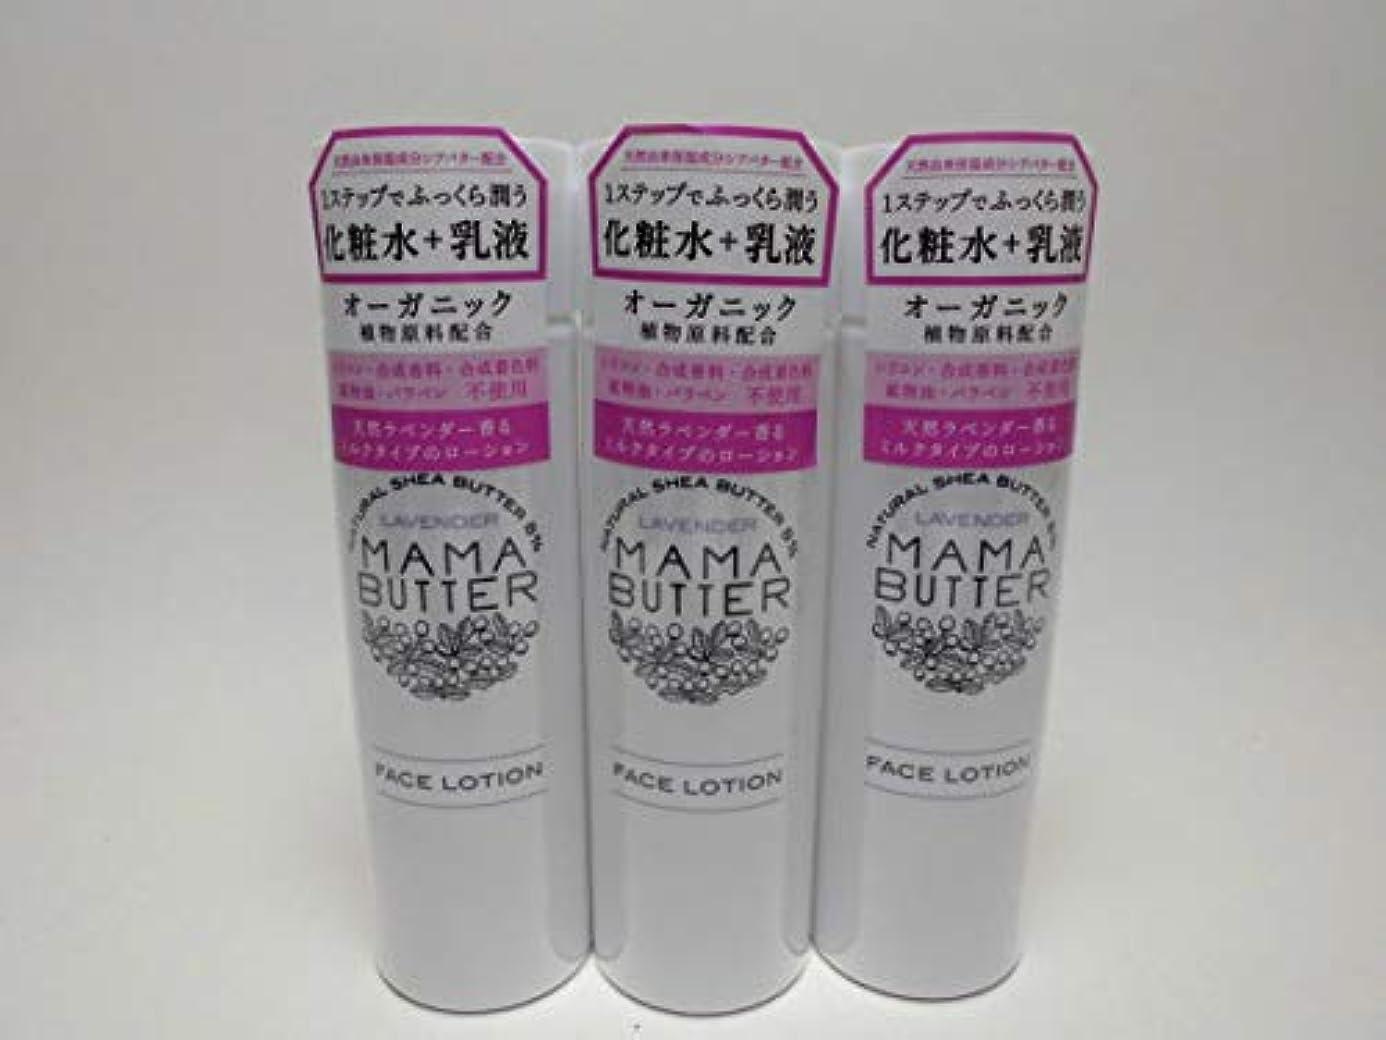 極めて恐怖症ヒール【3個セット】ママバター 化粧水 フェイスローション 200ml 定価1620円